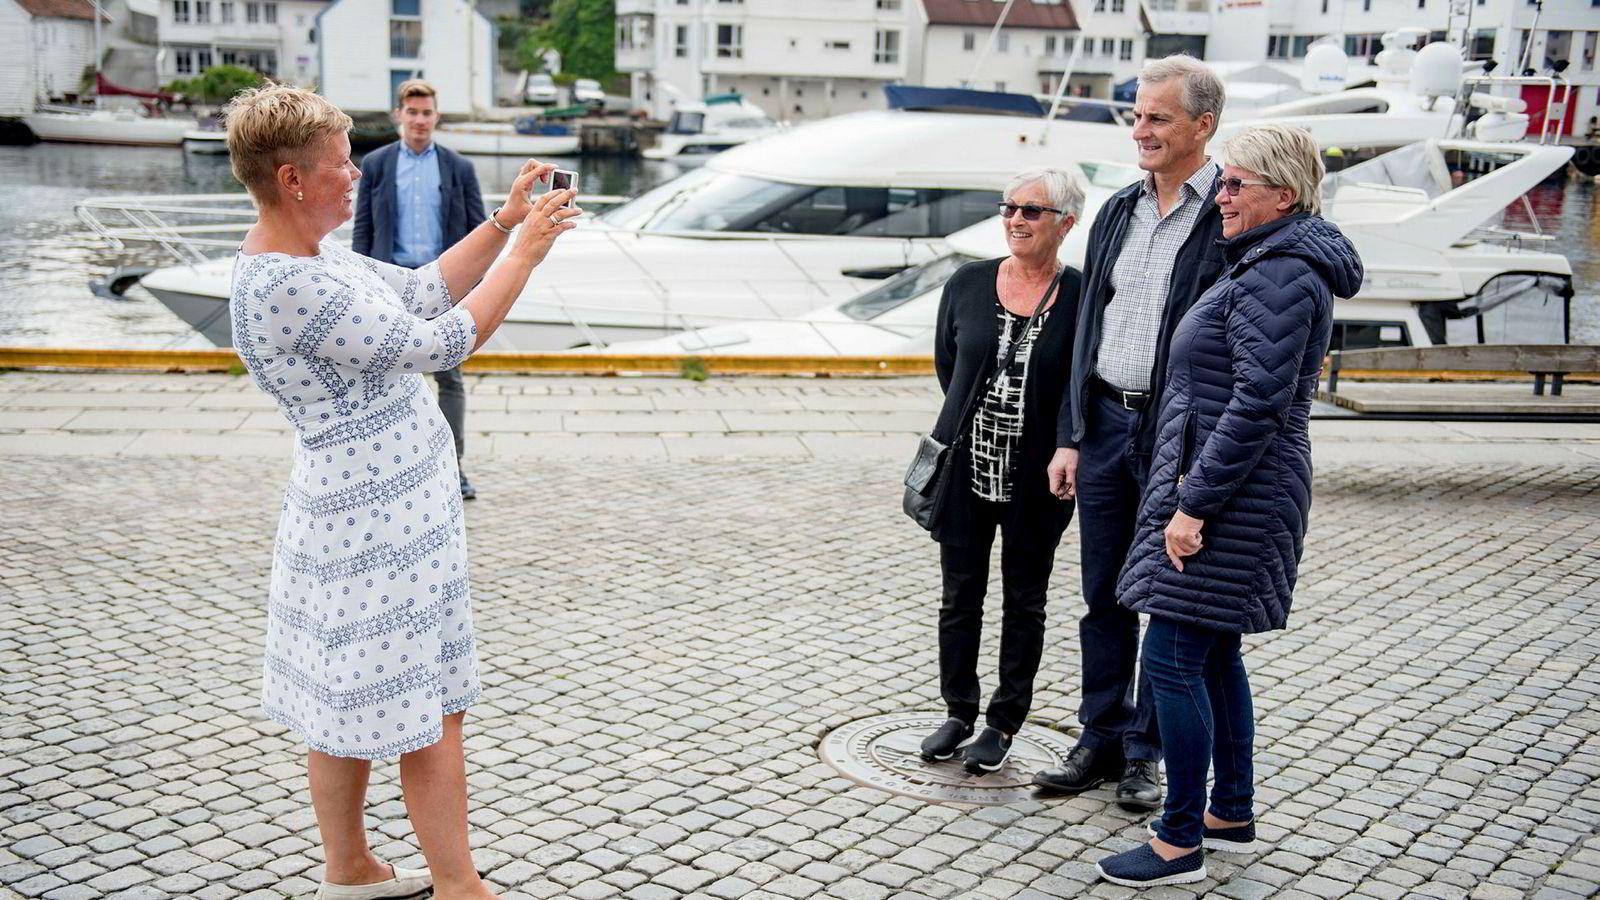 Fra venstre: Stortingsrepresentant Hege Haukeland Liadal, Inger Marie Johannessen, Jonas Gahr Støre og Kate Hille Jacobsen på bryggen i Haugesund. Støre måtte finne tid til å ta et bilde med damene.